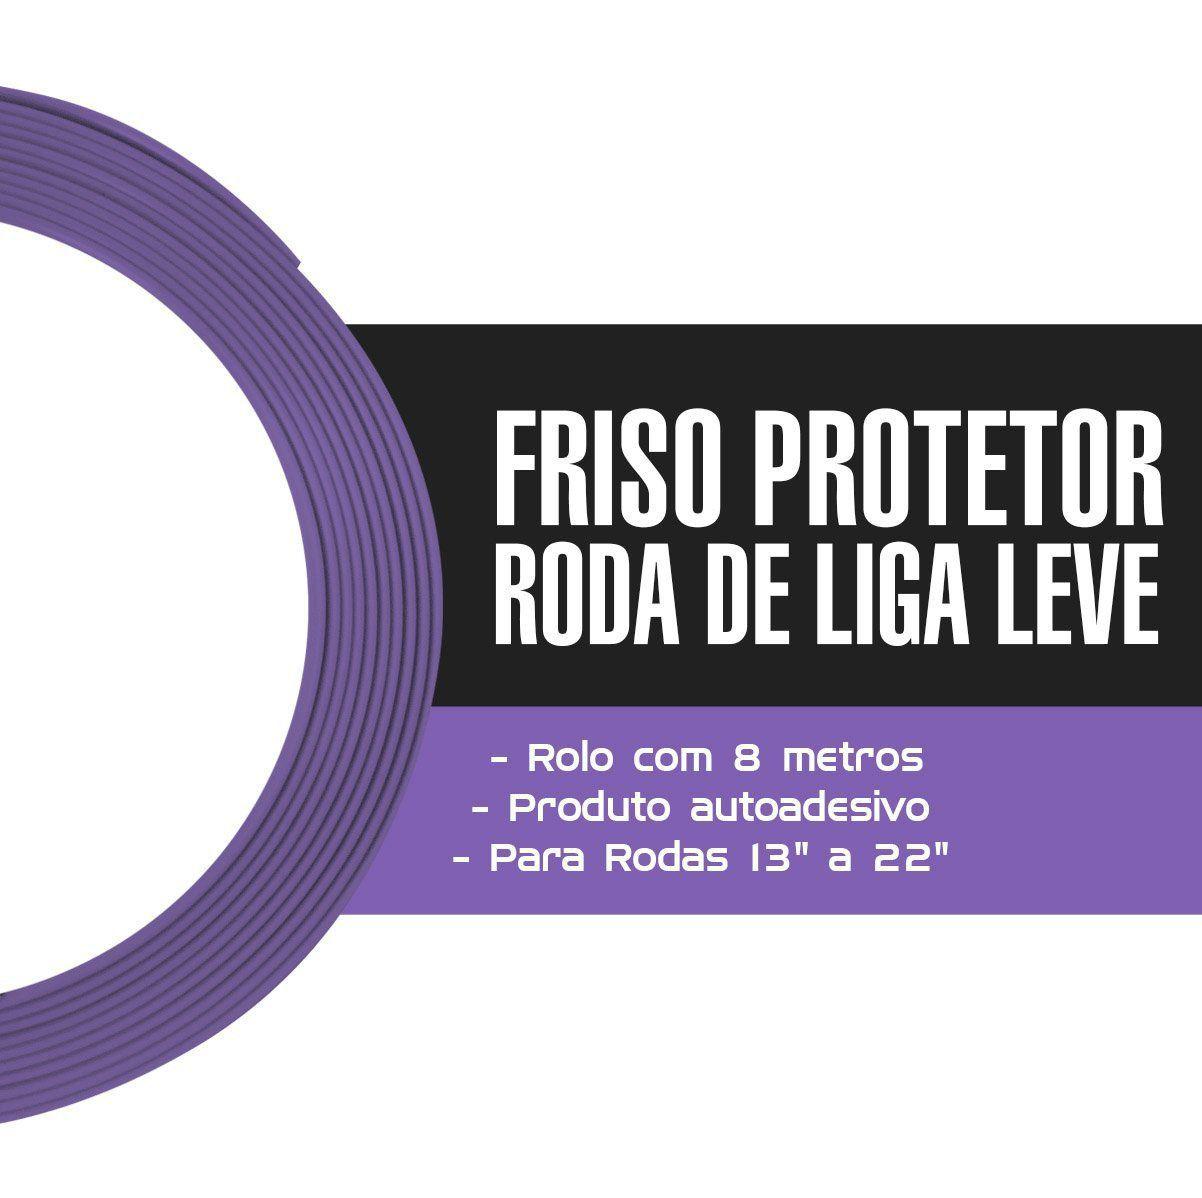 Friso Protetor Roda Liga Leve Esportiva Tuning 8m - Roxo